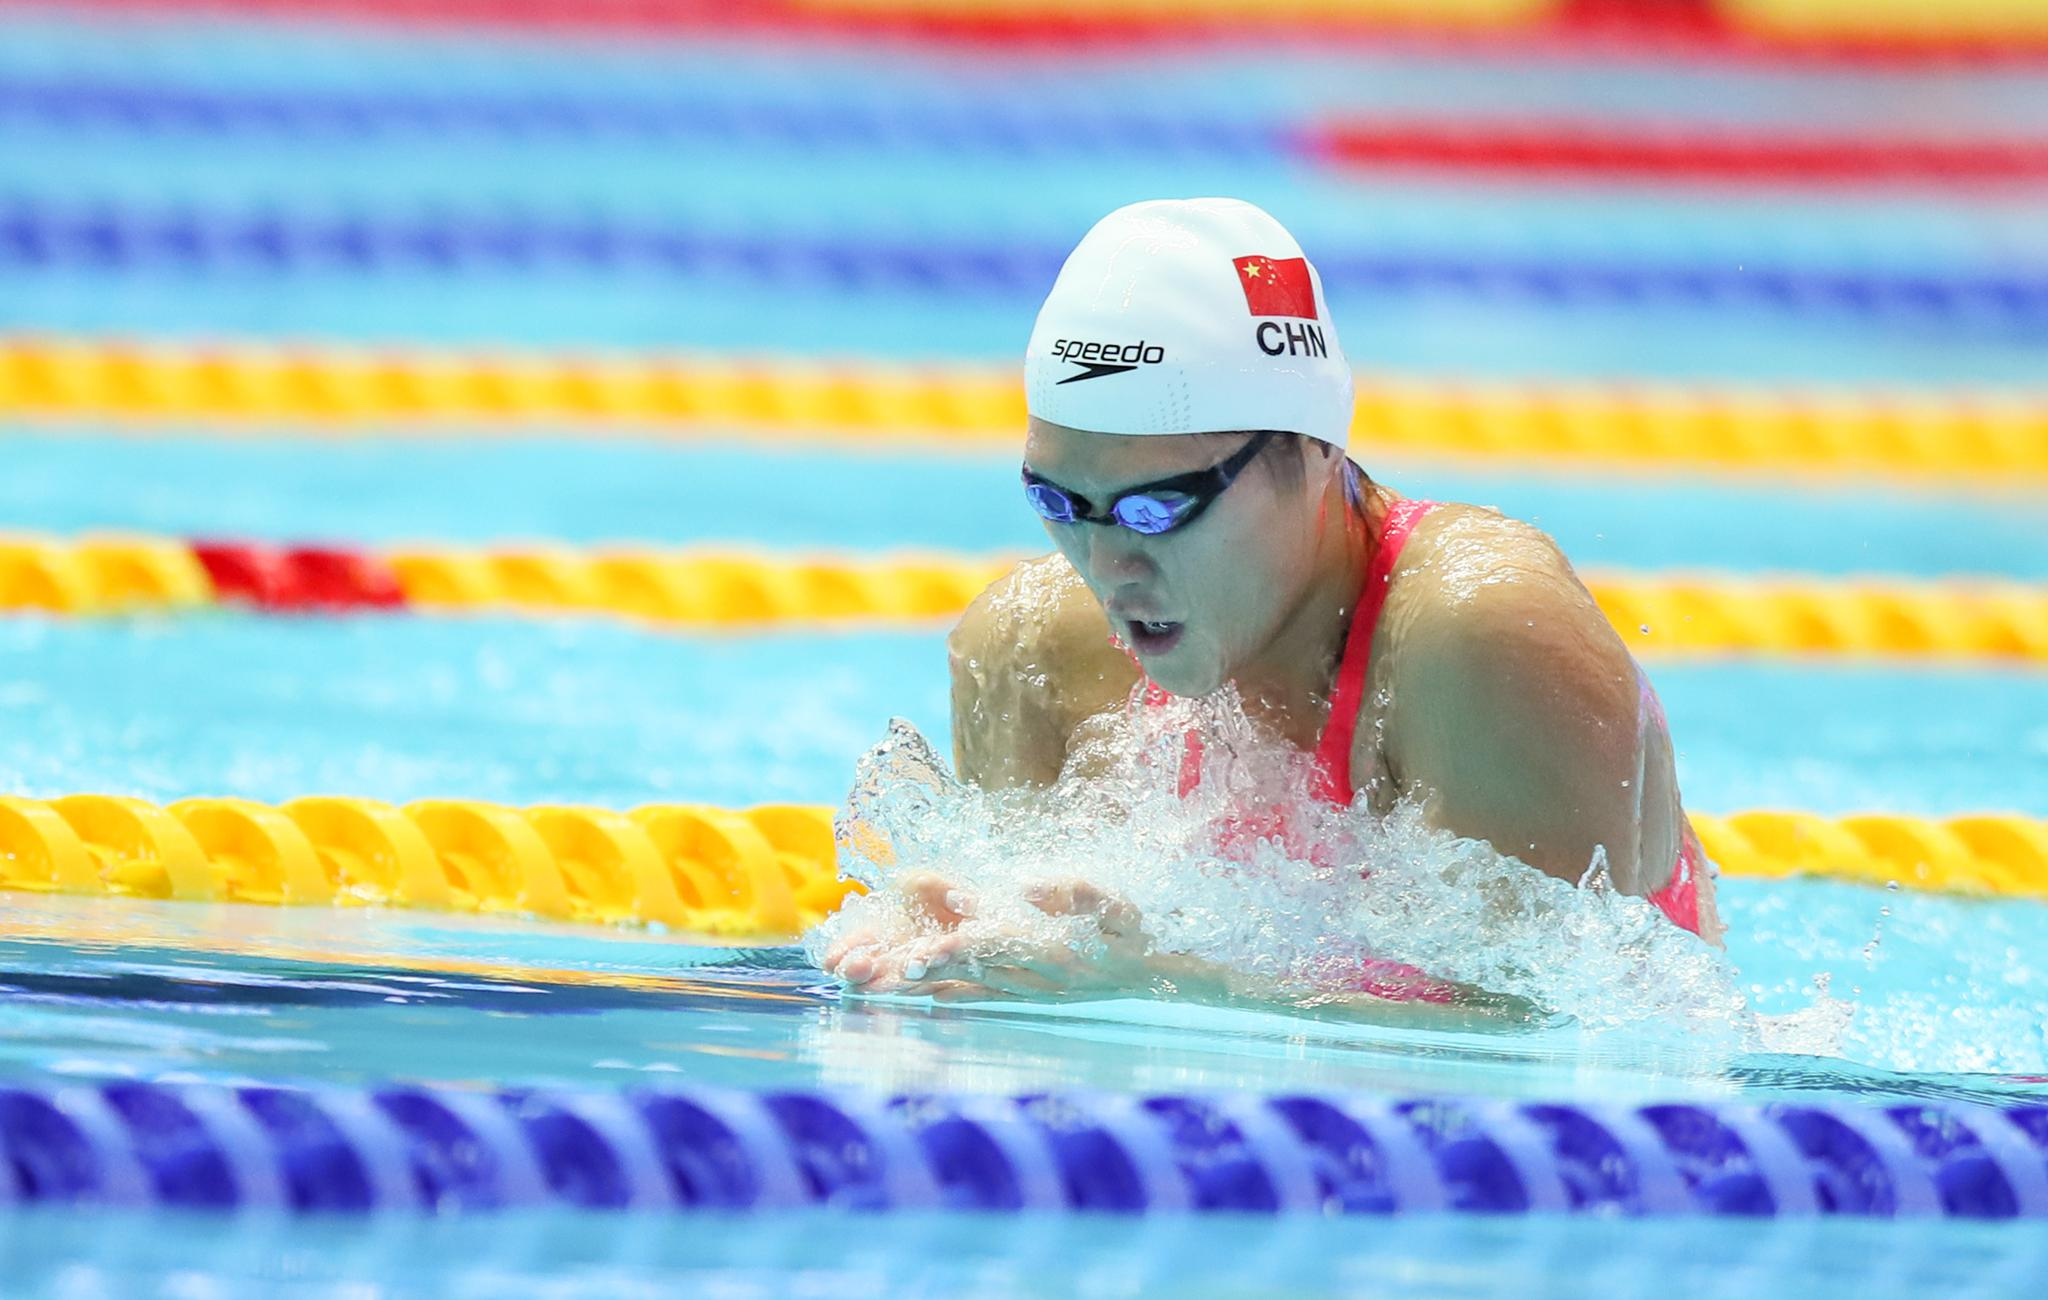 游泳世锦赛不只有孙杨,徐嘉余与叶诗文也同样大放异彩